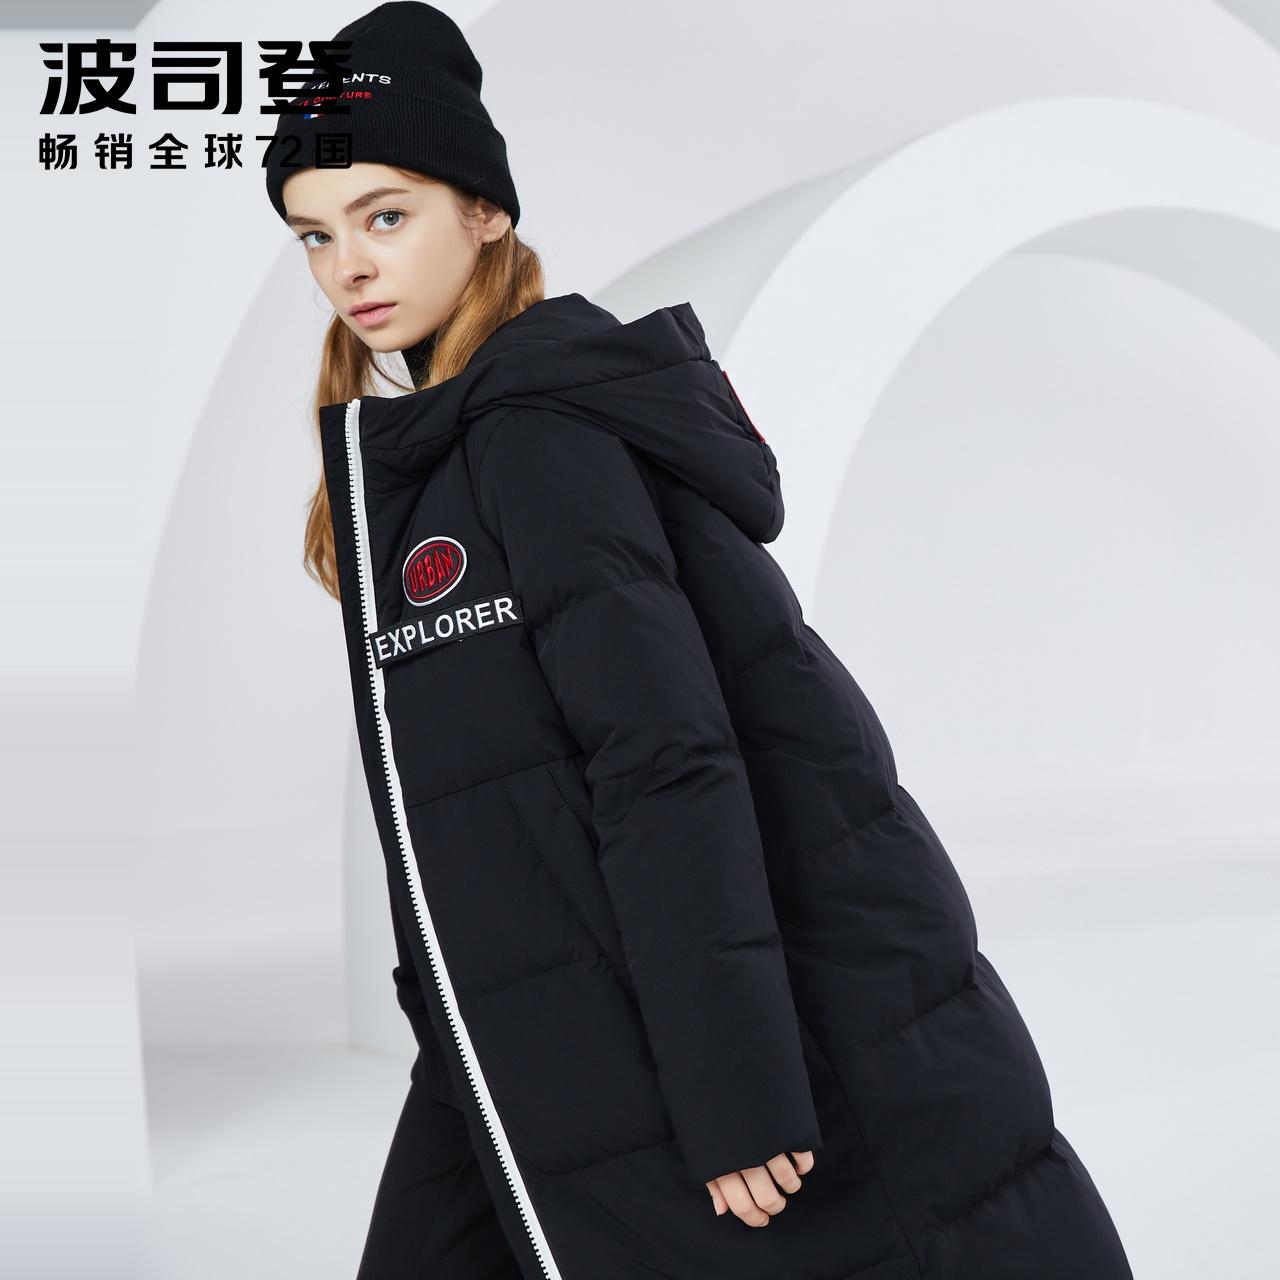 波司登冬季羽绒服女长款过膝连帽保暖女士休闲外套潮B80142122图片